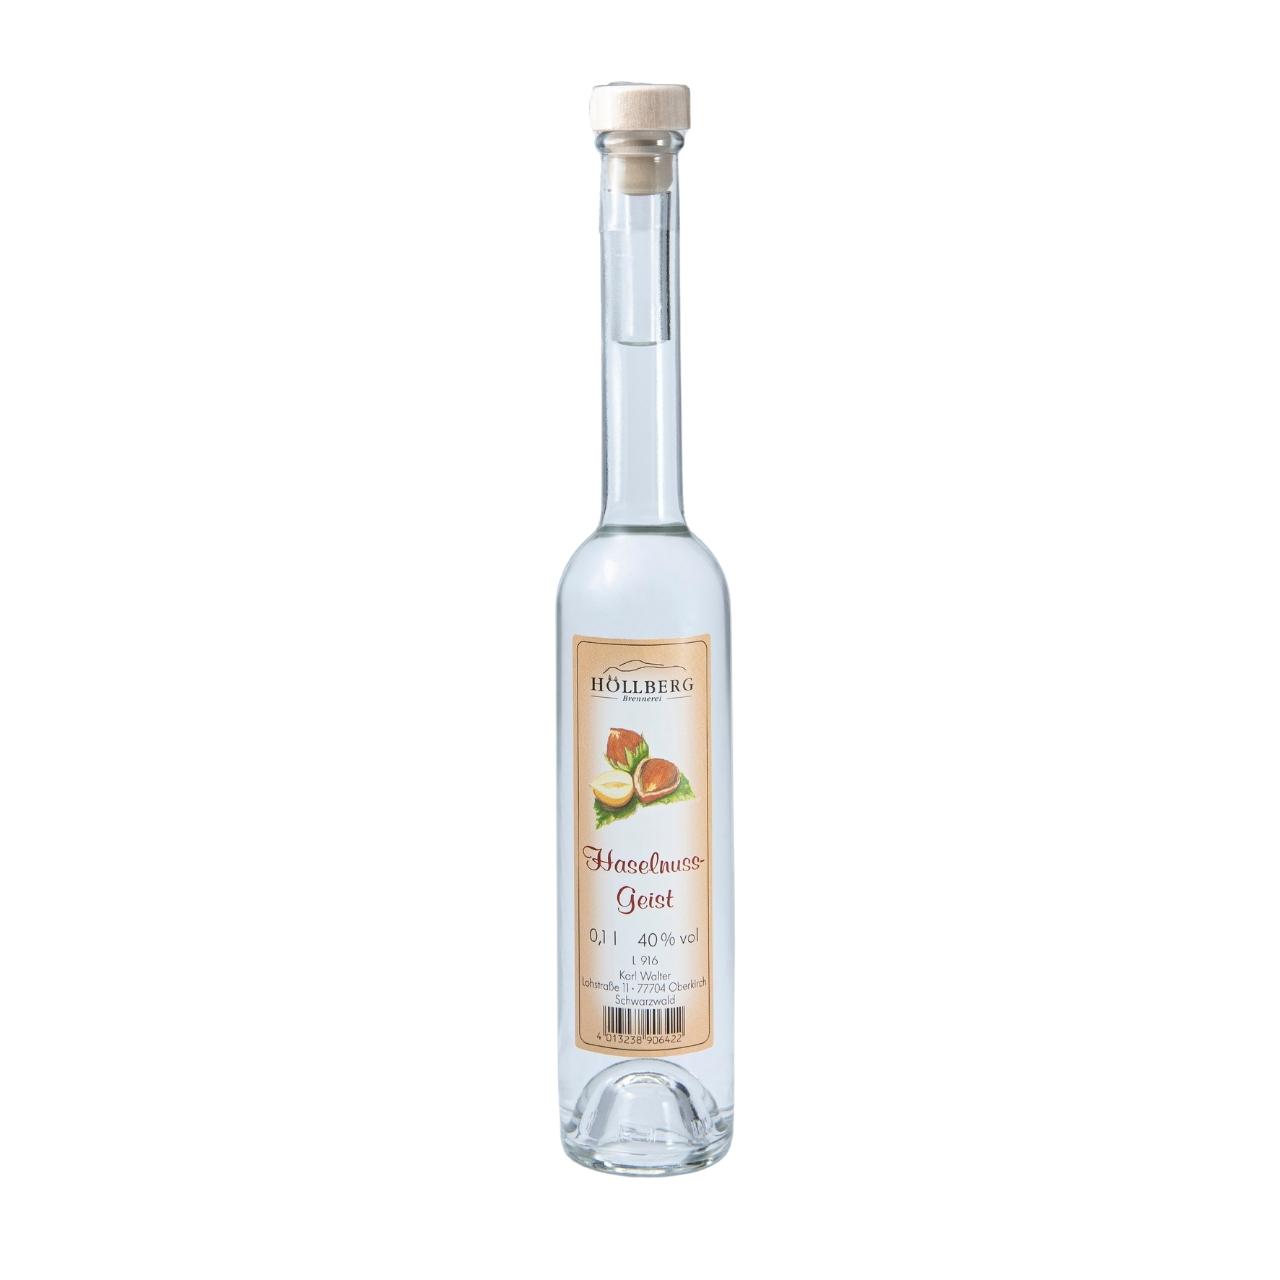 0,1 Liter Platinflasche Höllberg Haselnussgeist